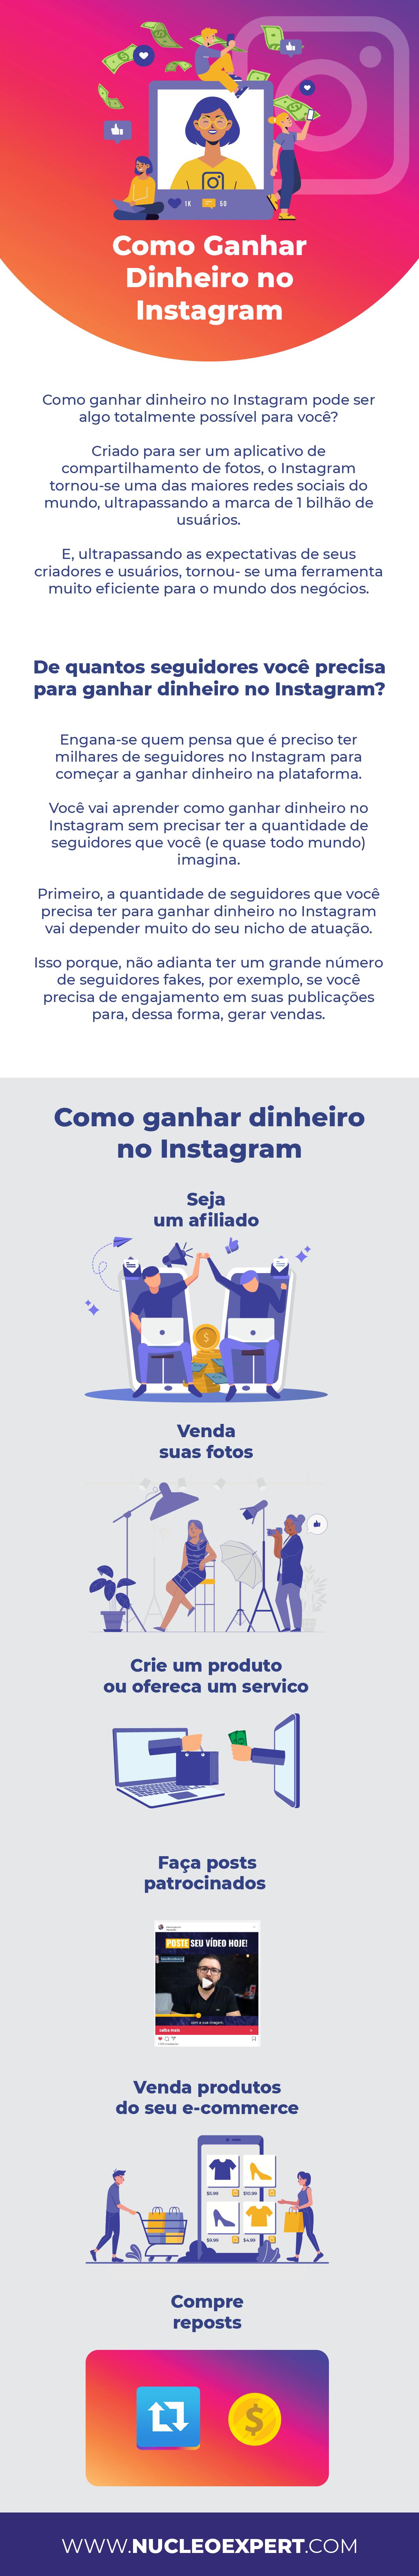 Infográfico - Como Ganhar Dinheiro com Instagram